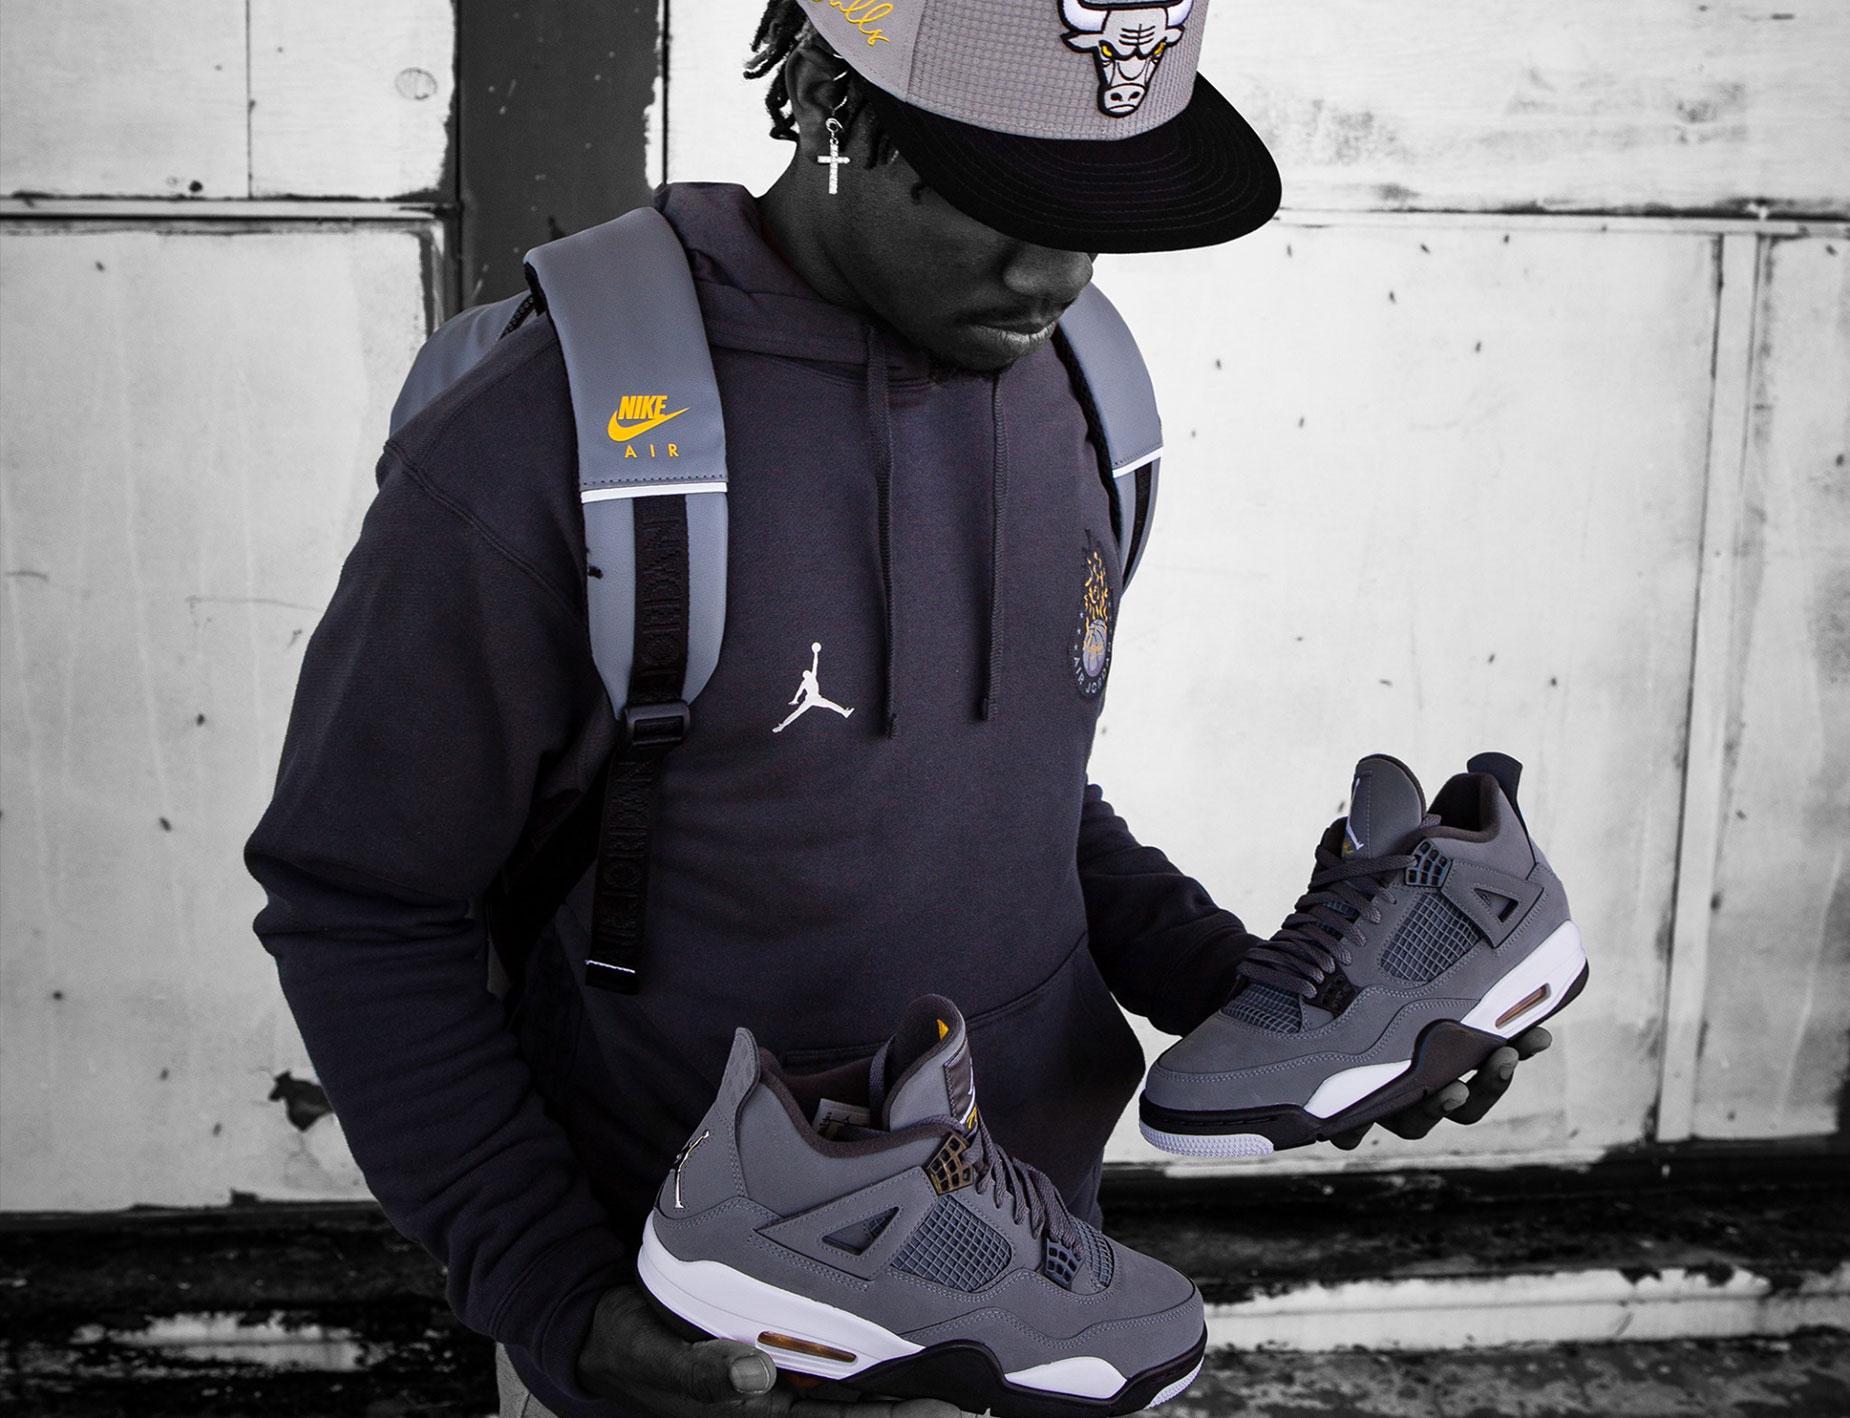 grey 4s